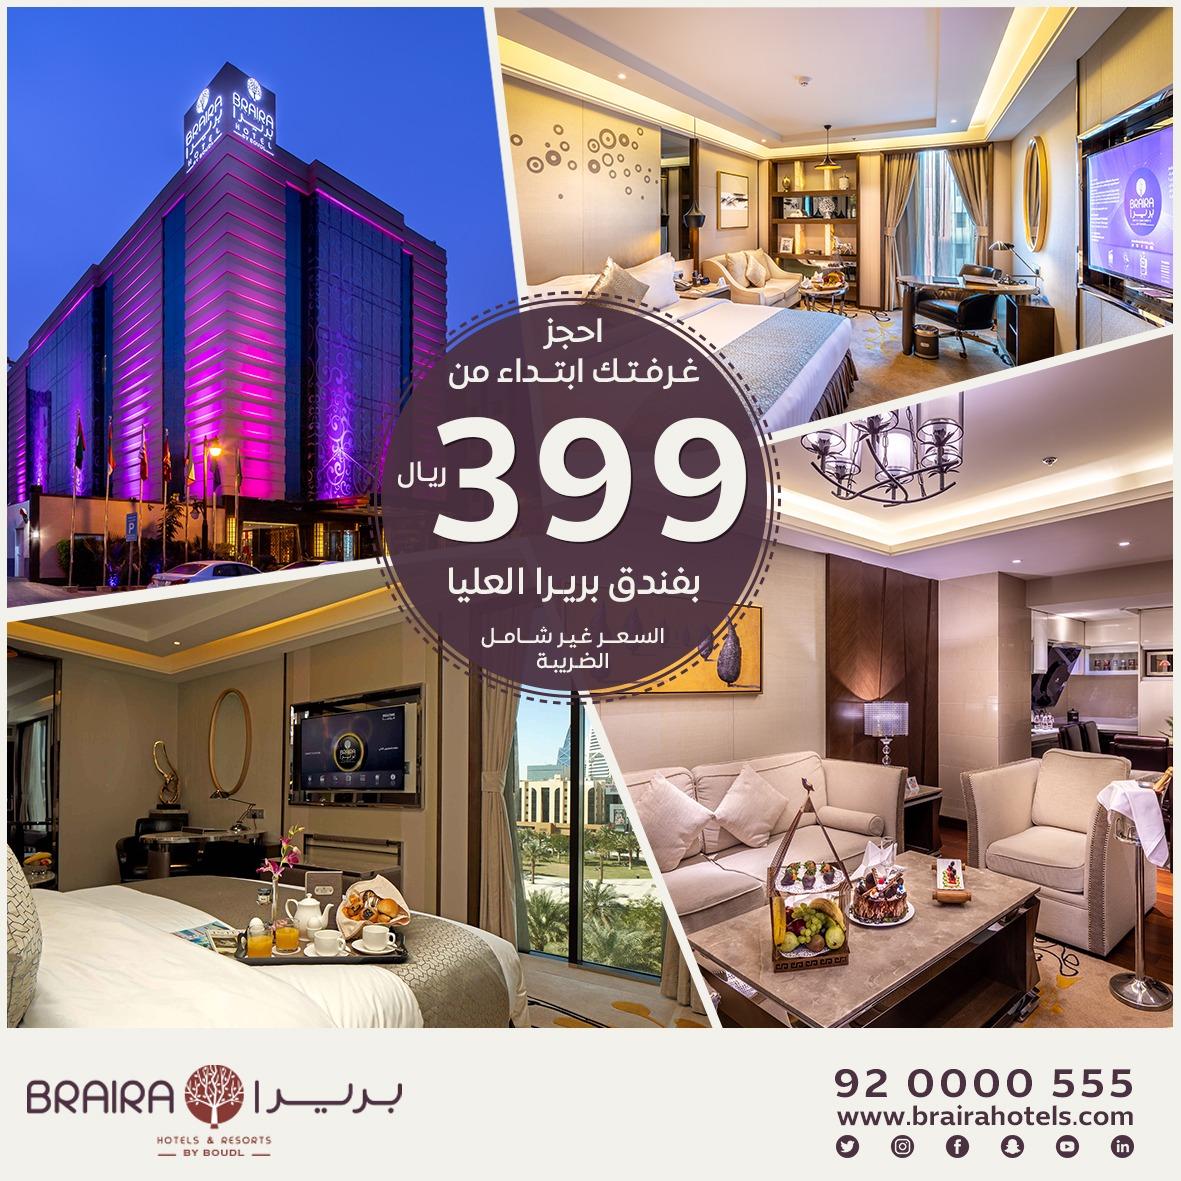 Braira Hotels Resorts Brairahotels Twitter